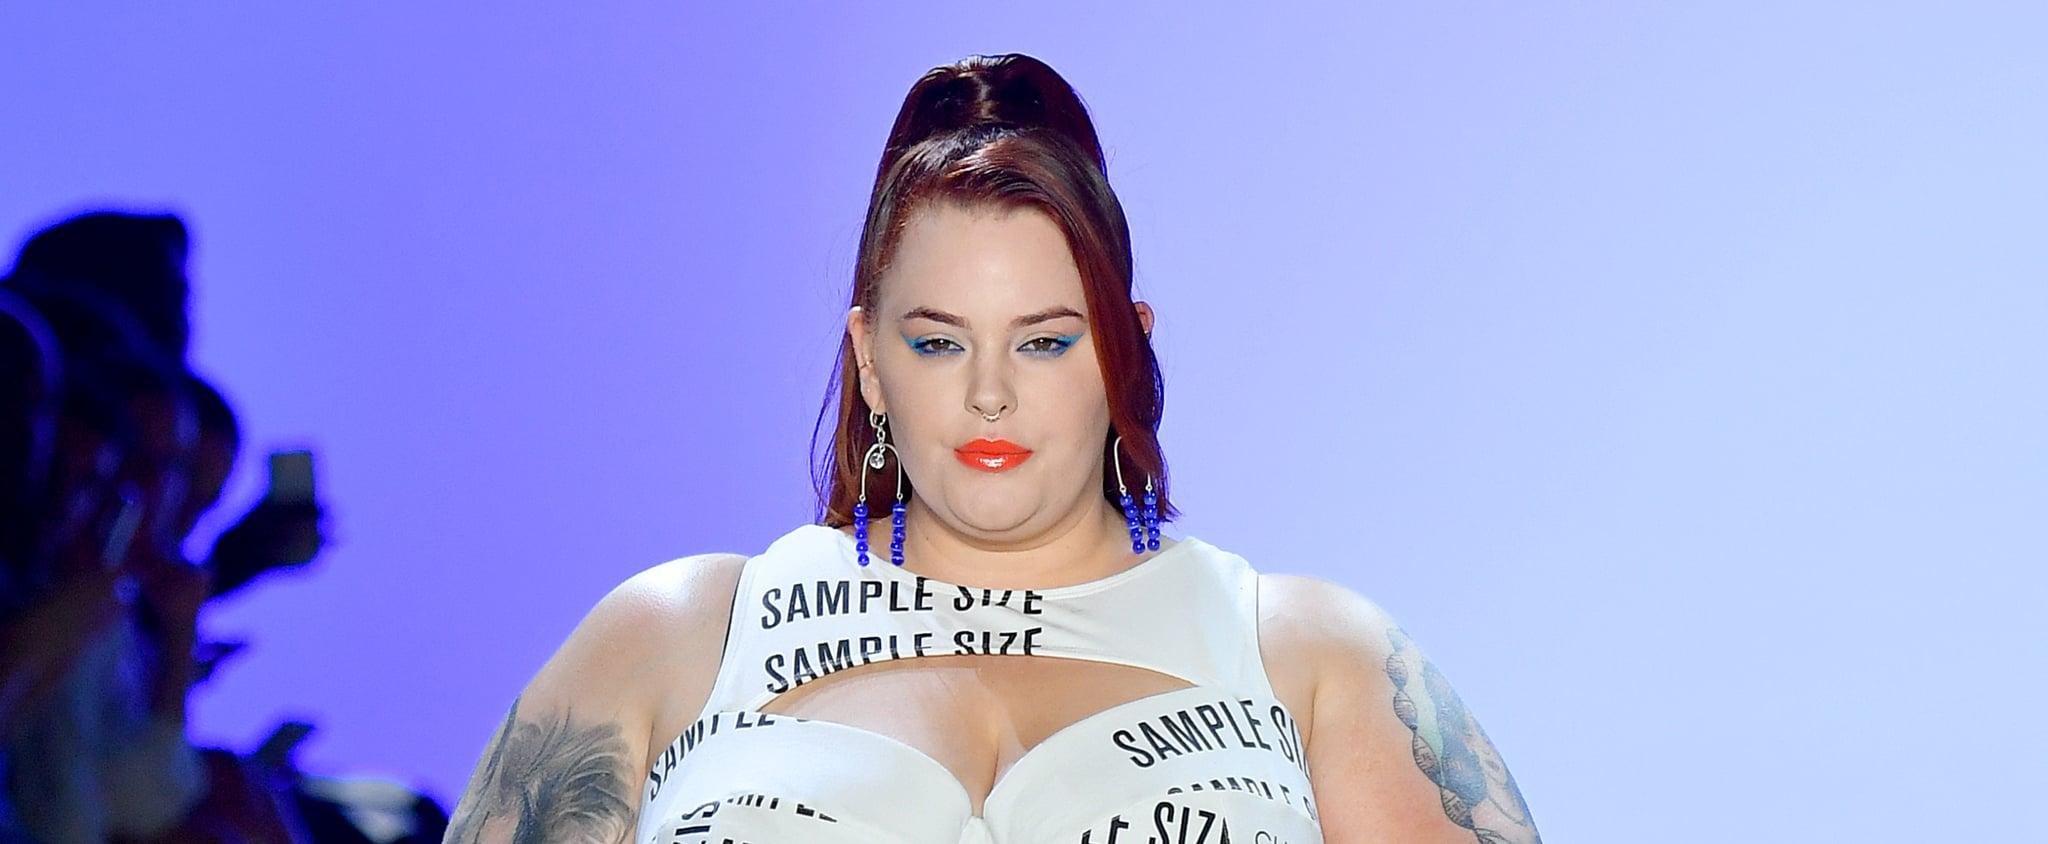 التنوع في أزياء أسبوع الموضة لموسم ربيع صيف 2020